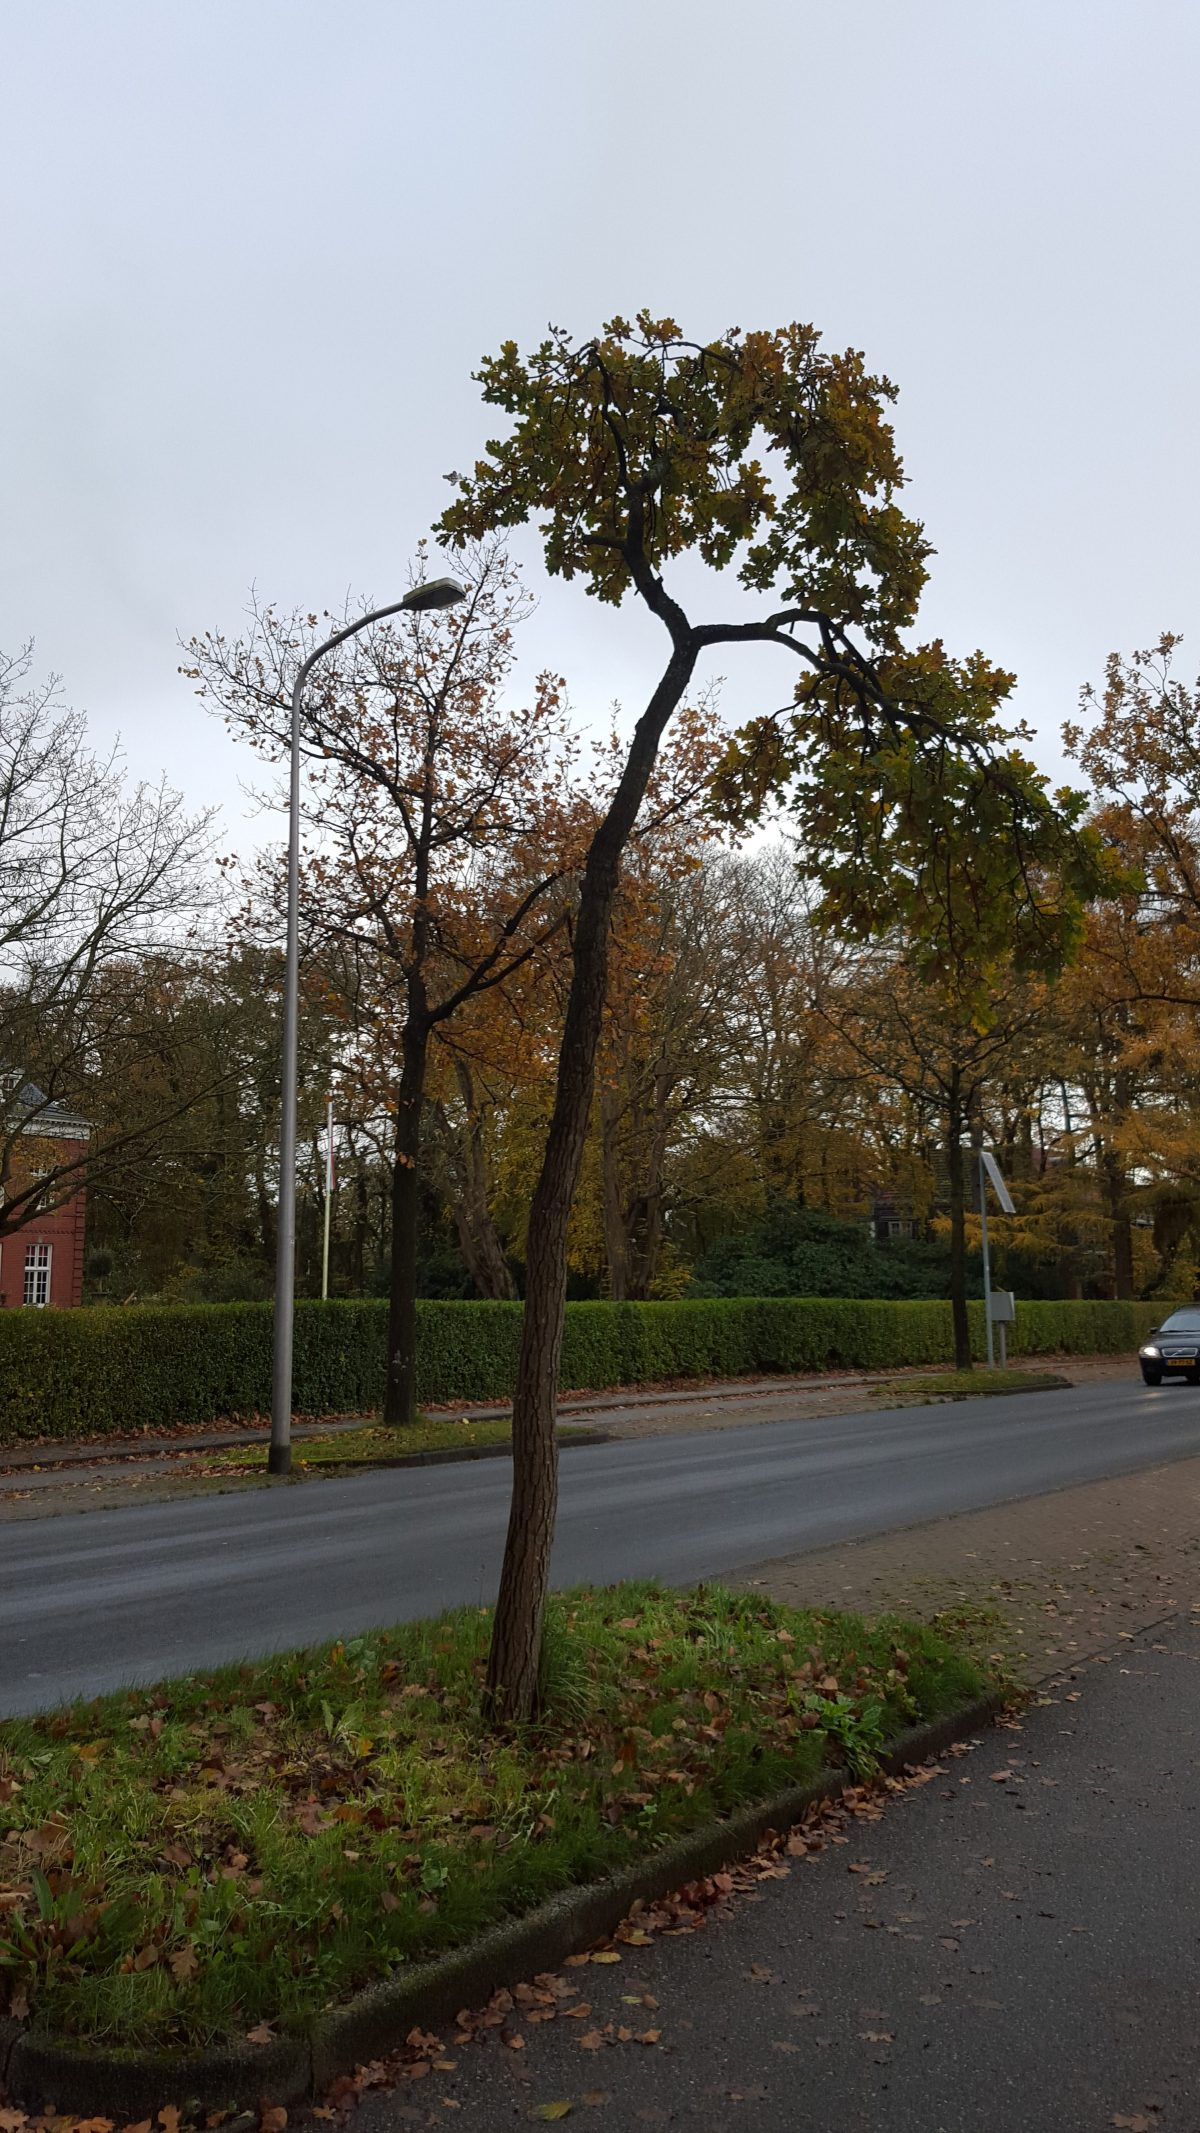 Voorbeeld bezwaarbrief tegen huidige boomonderhoudsmethoden in Groningen